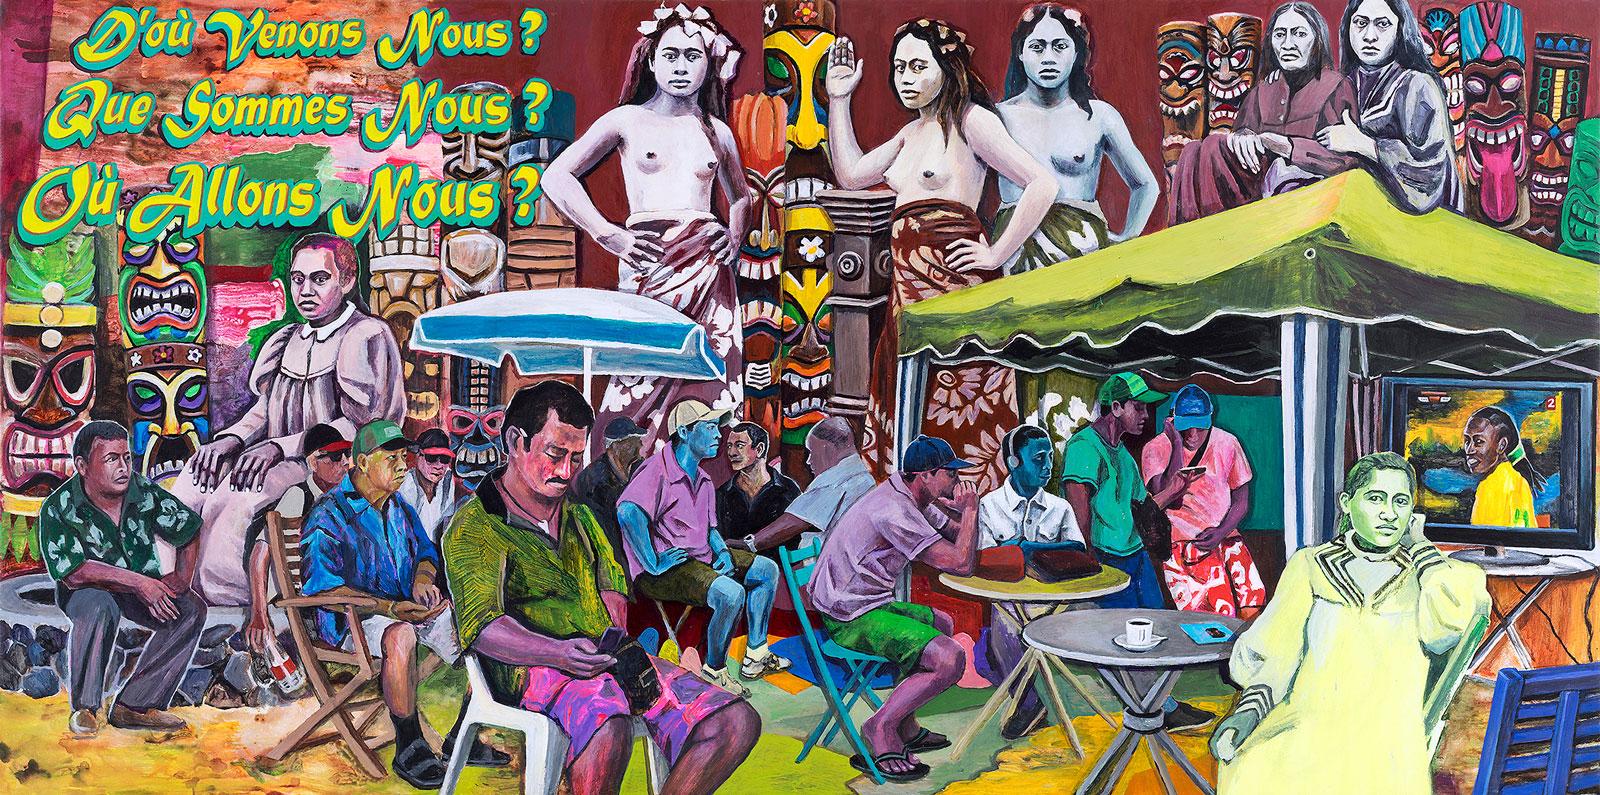 """Monika Marklinger, """"D'où venons nous? Que sommes nous? Où allons nous?, 2016, Acrylic on canvas, 89 x 116 cm"""